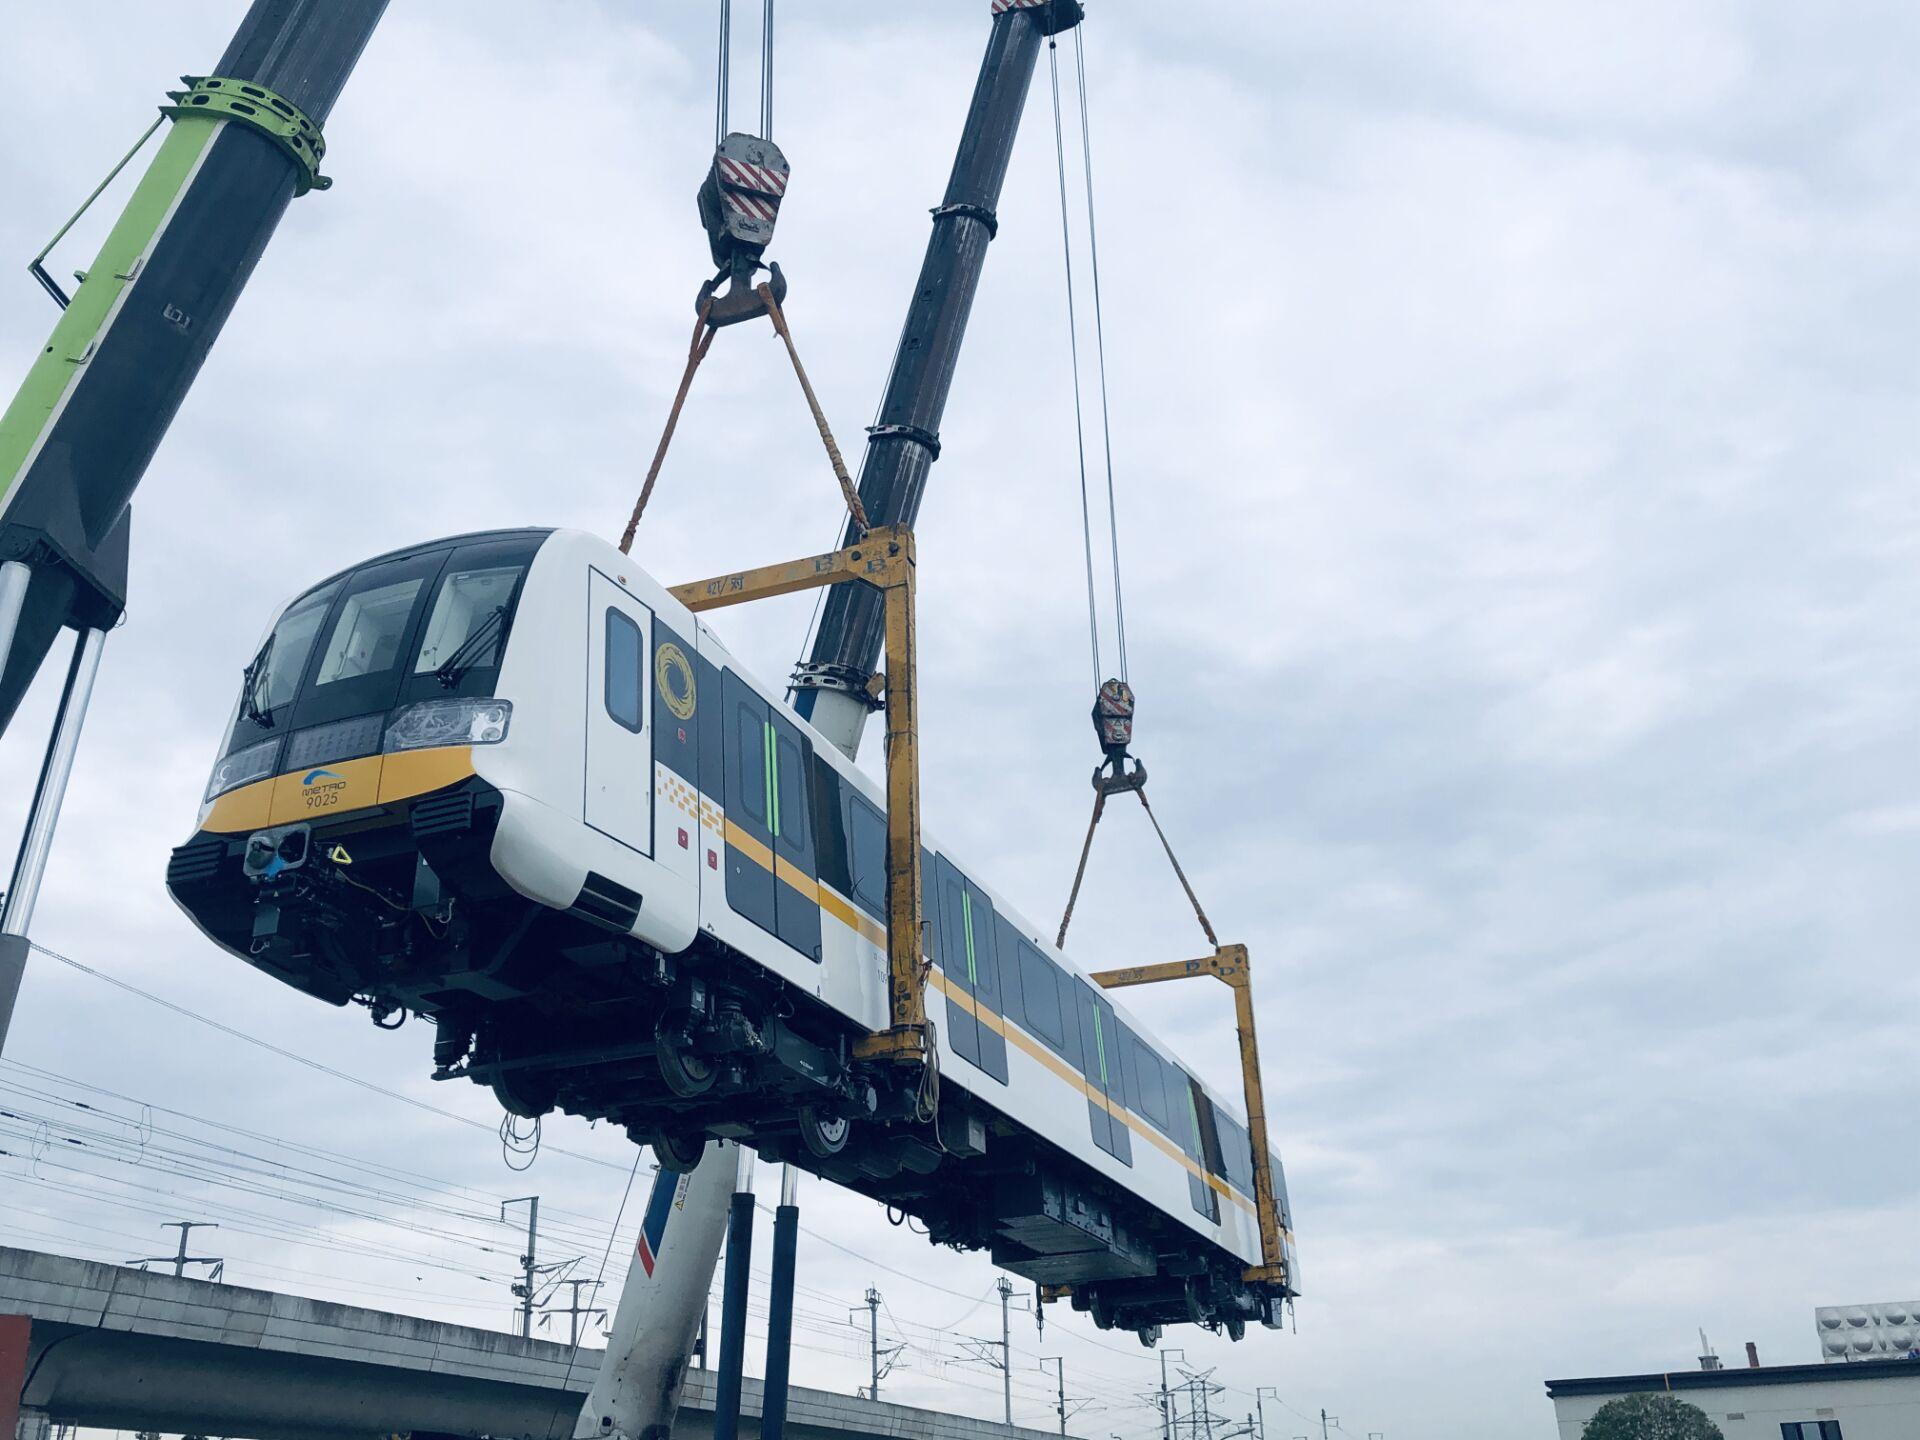 成都地铁9号线一期配属25列电客车全部到段 迈入全自动运行新时代